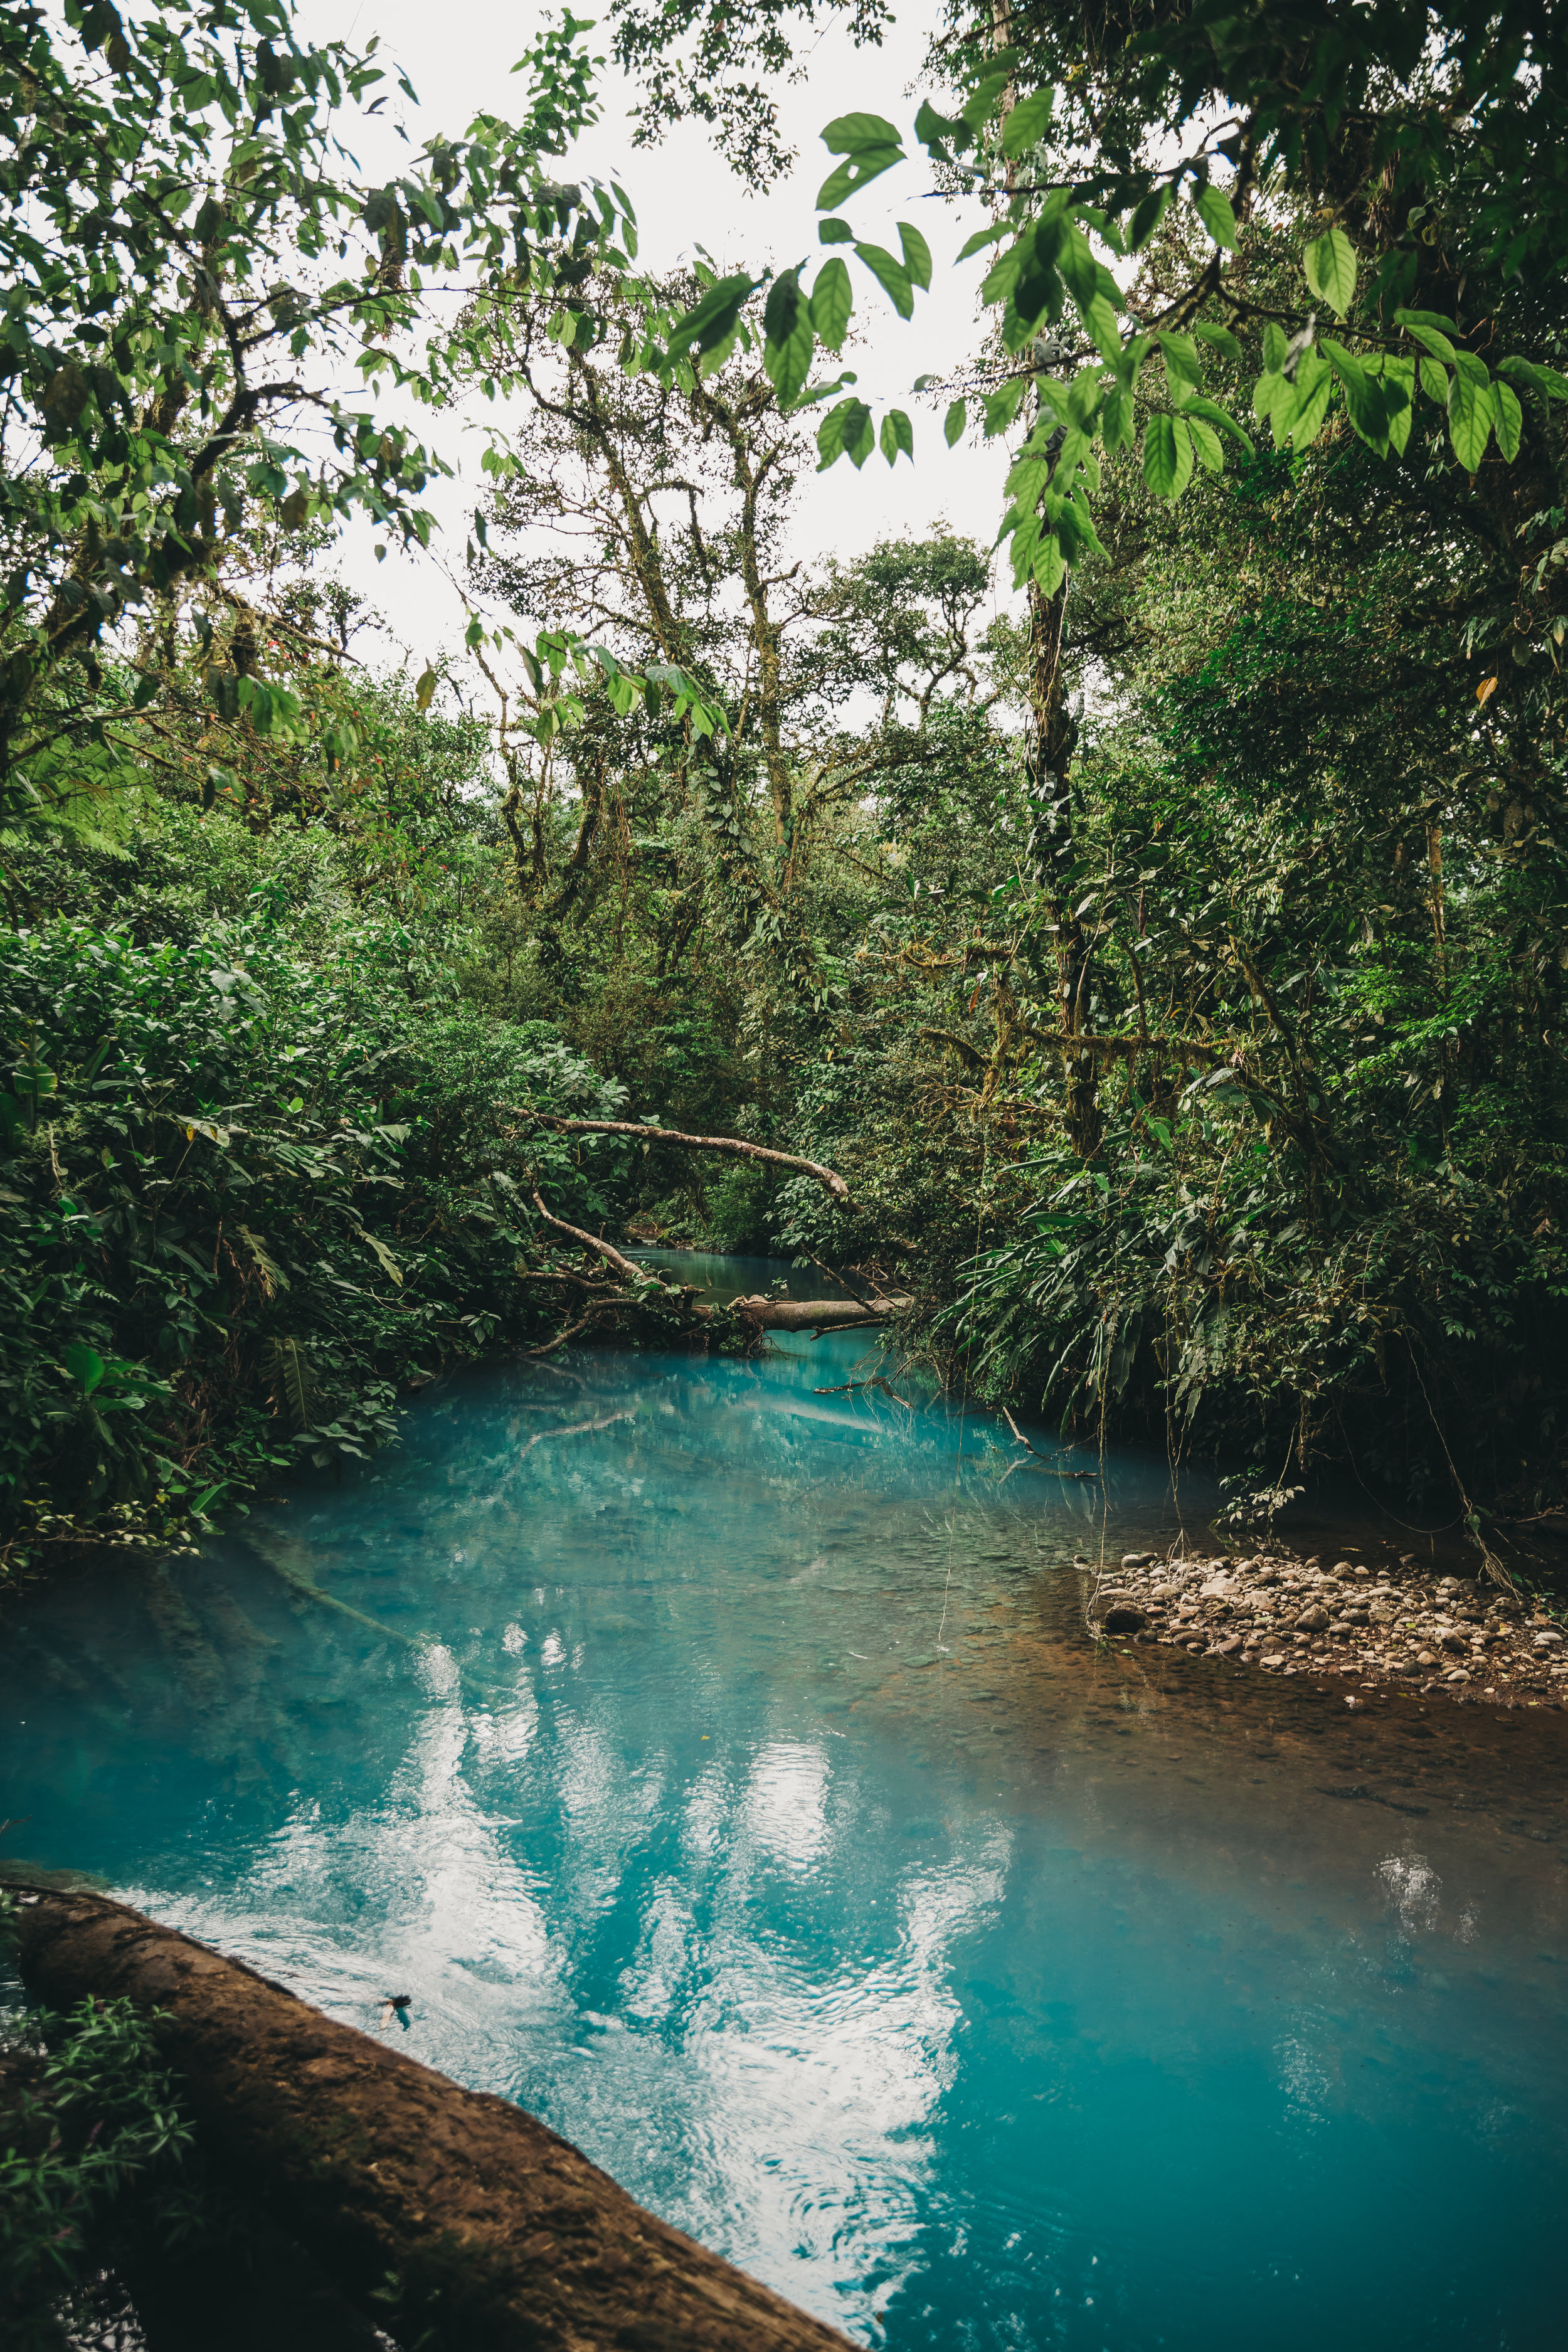 Rio celeste 6.jpg